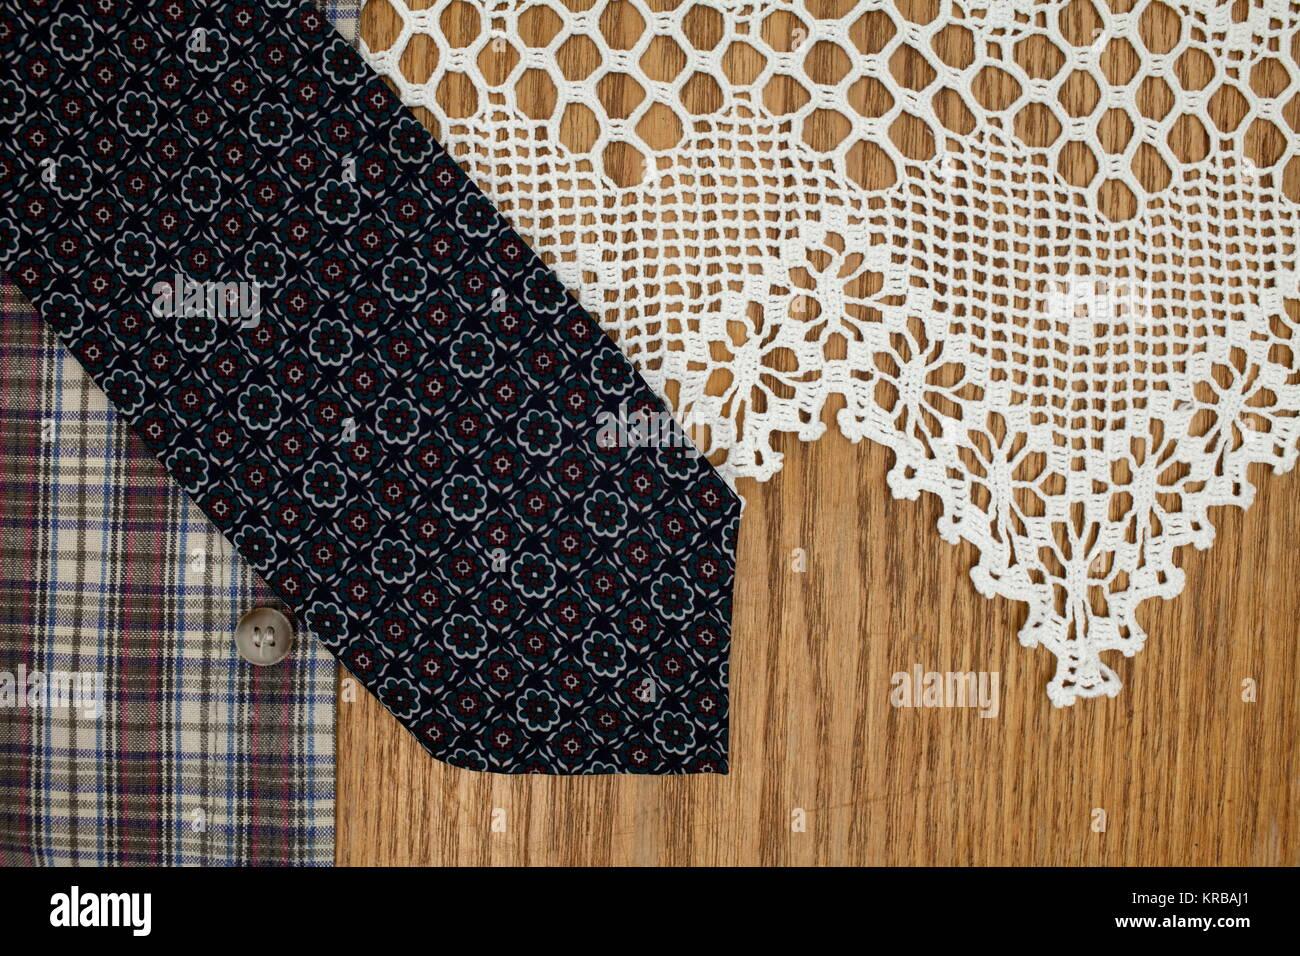 Uomo di cravatta, maglietta, pizzo igienico immagine concettuale di un classico stile di moda Immagini Stock